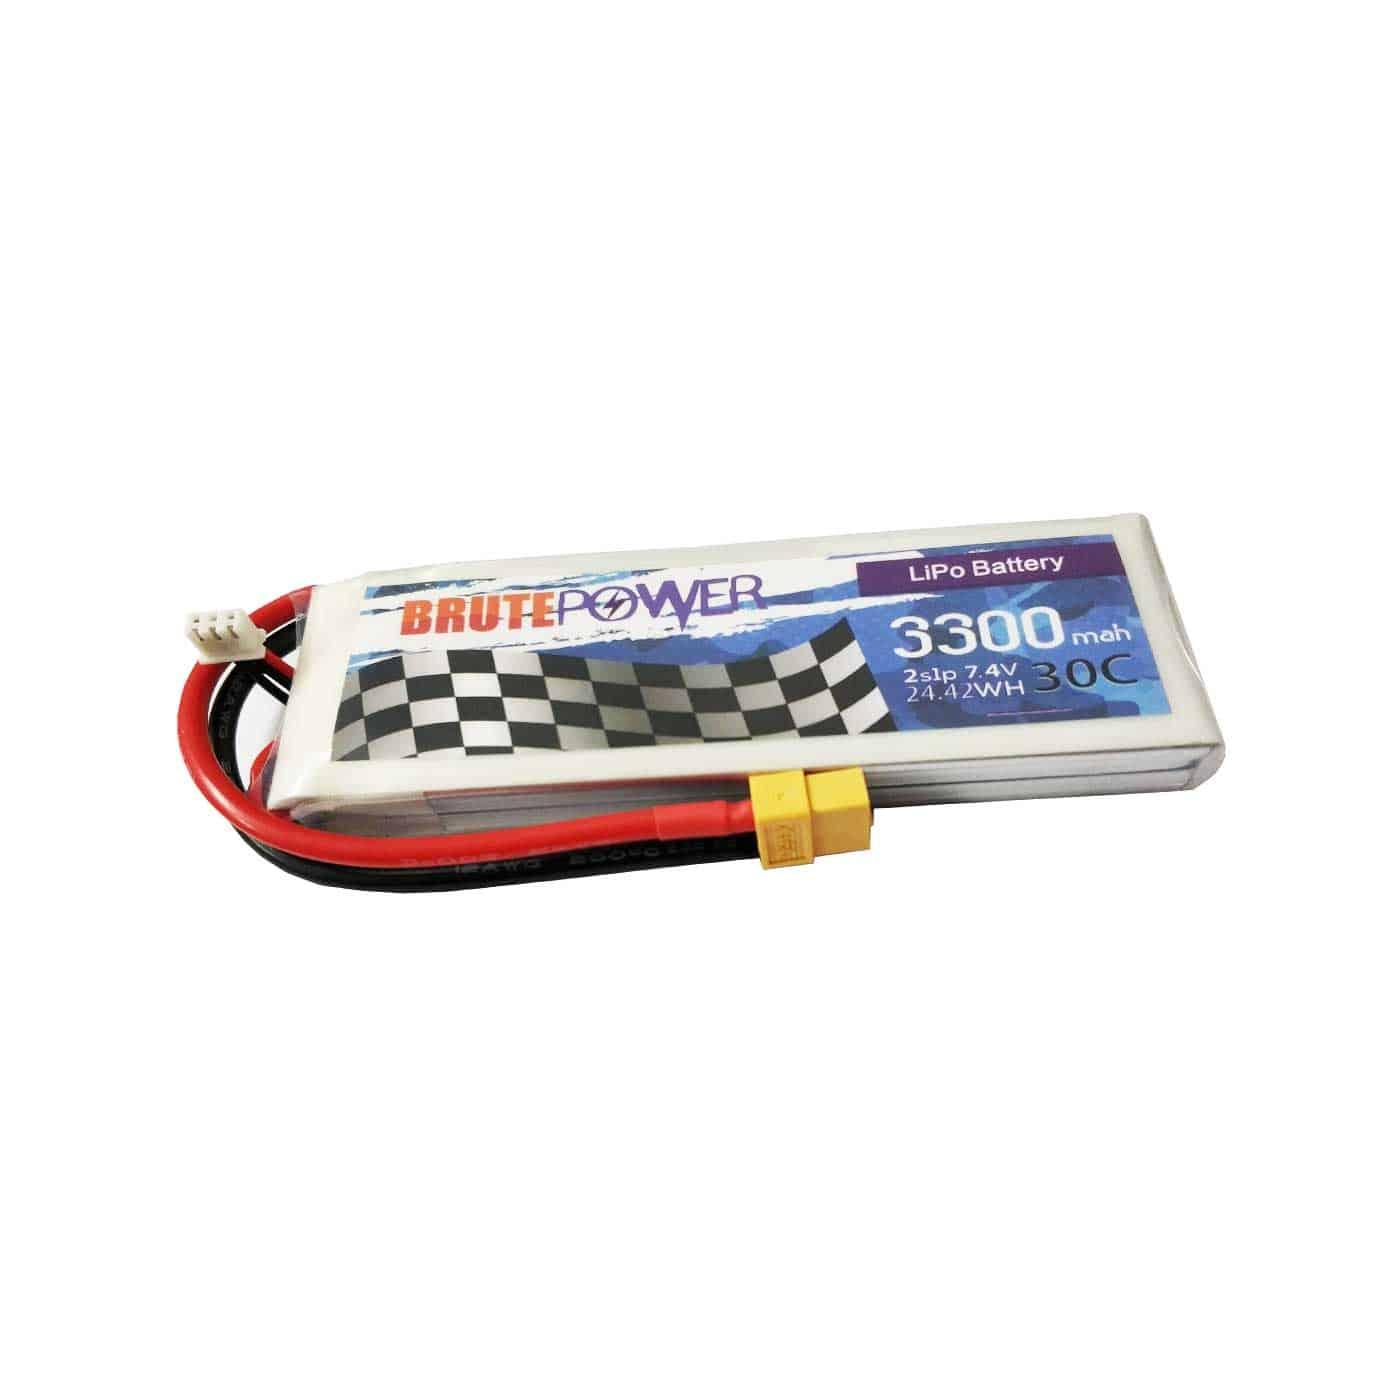 batería lipo 2s 3300mah